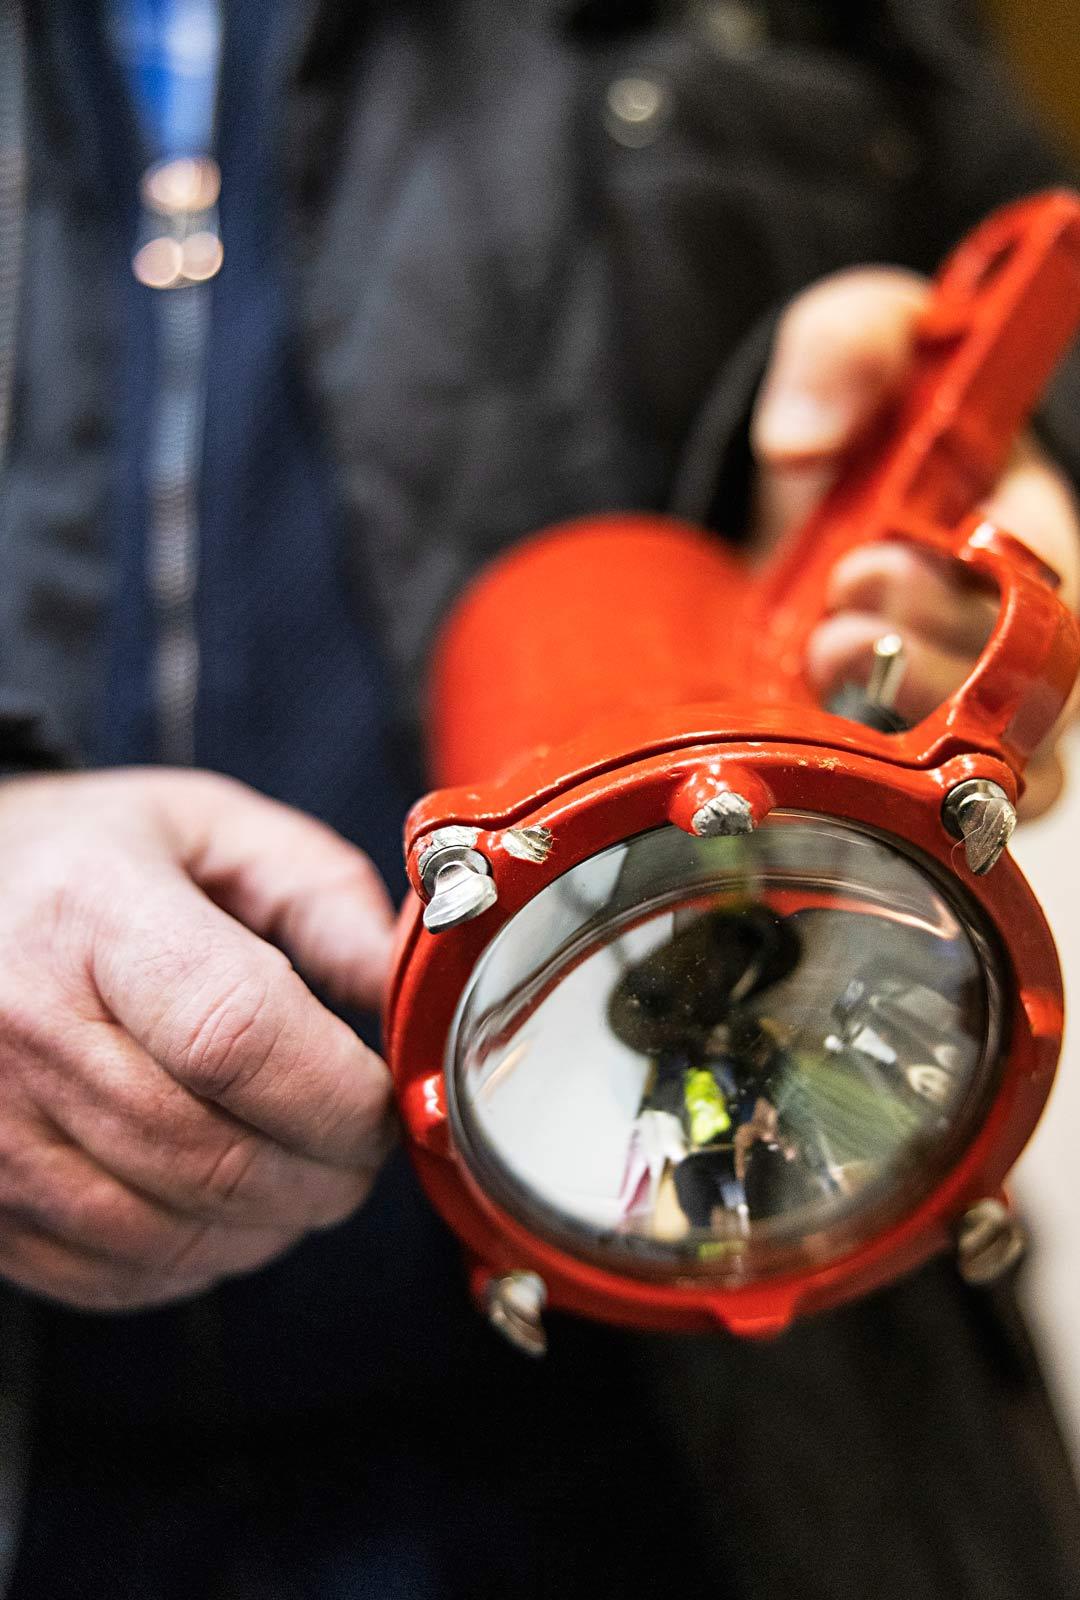 Karilla on vieläkin tallessa sukelluksella käytetty lamppu, jossa on moottorisahan terän jättämä jälki muistona täpärästä pelastuksesta.